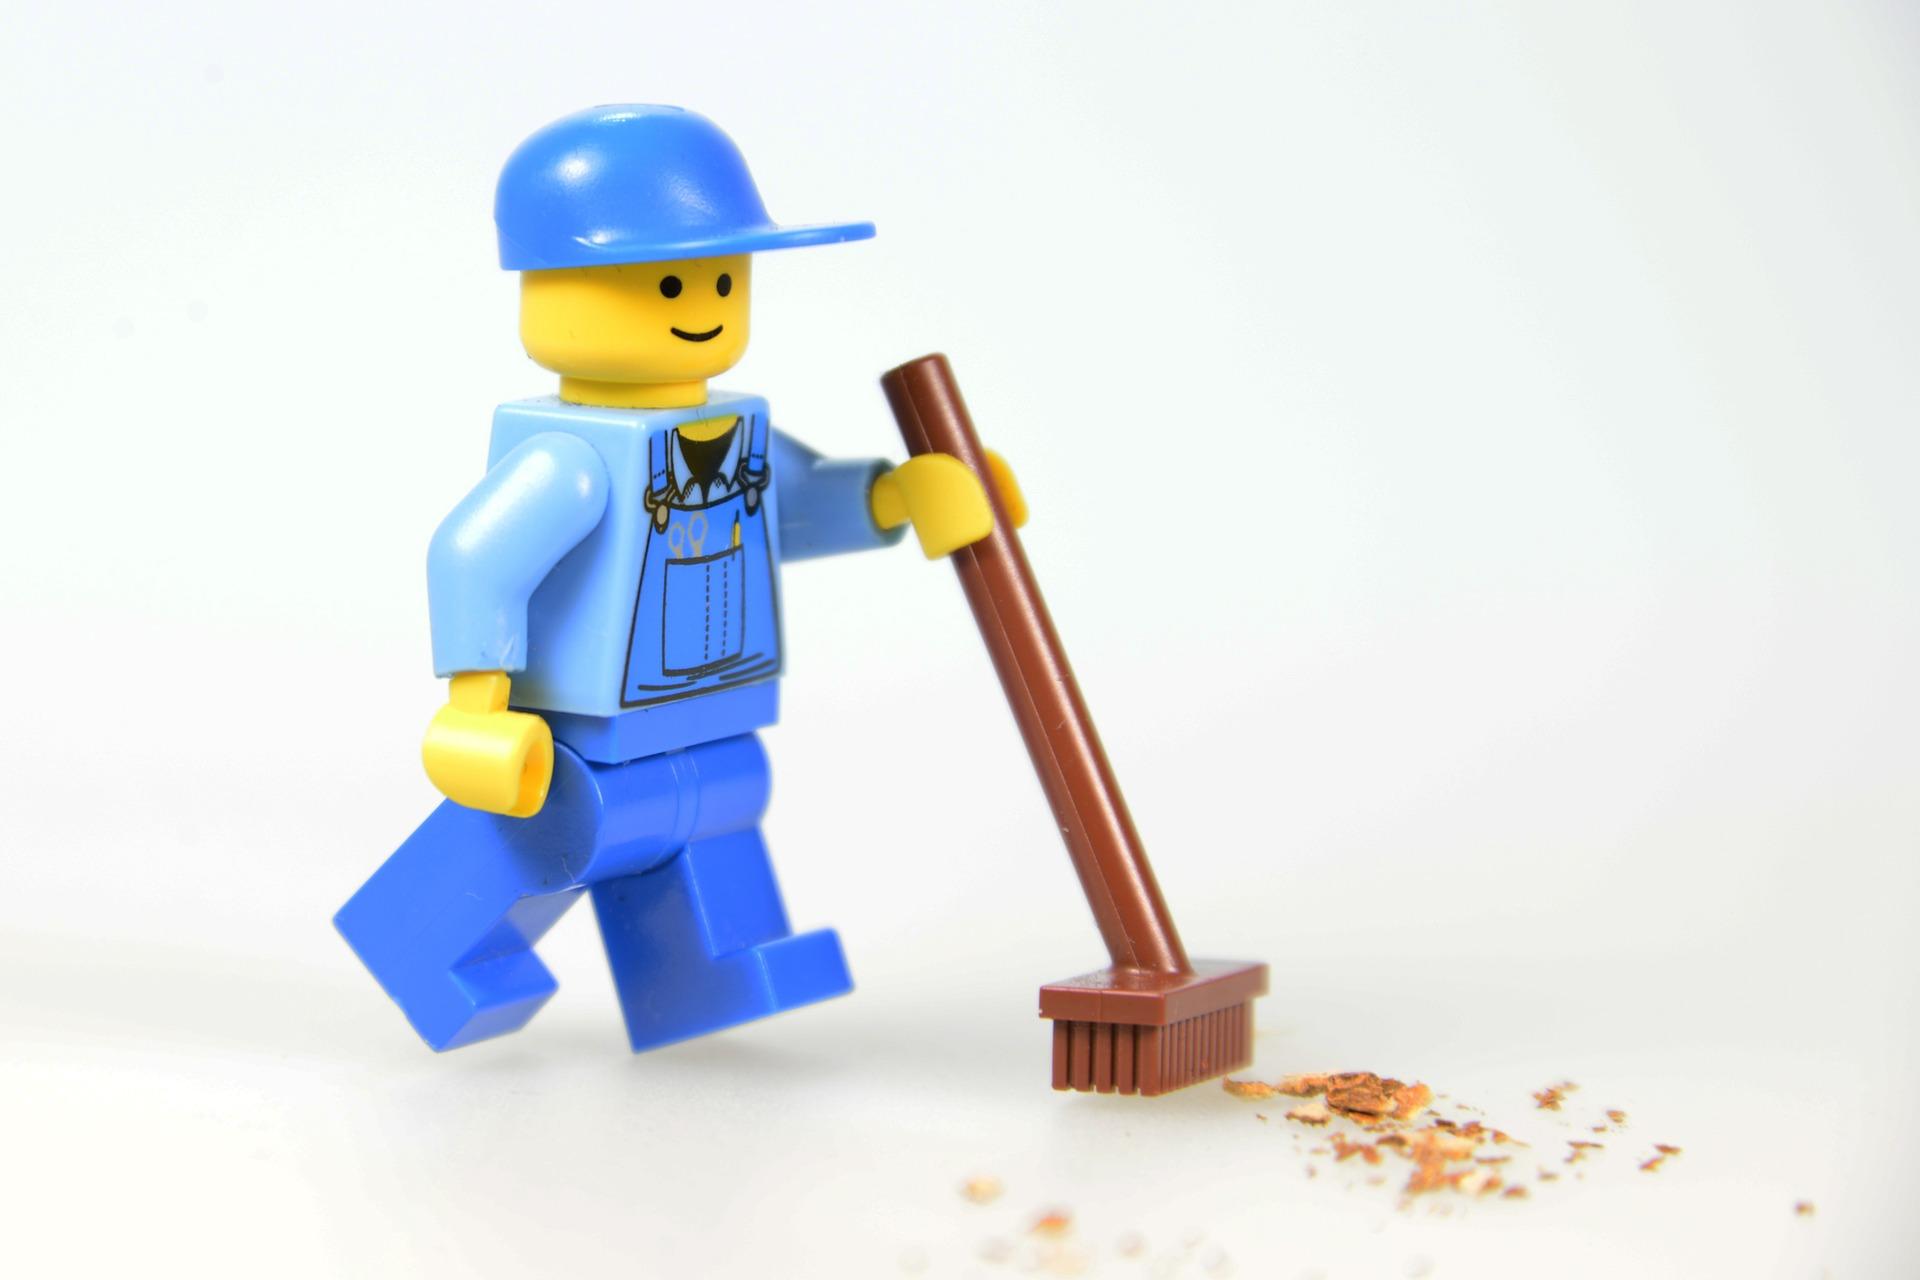 【極めるってカッコいい】旧友が、レゴの住人になってた話